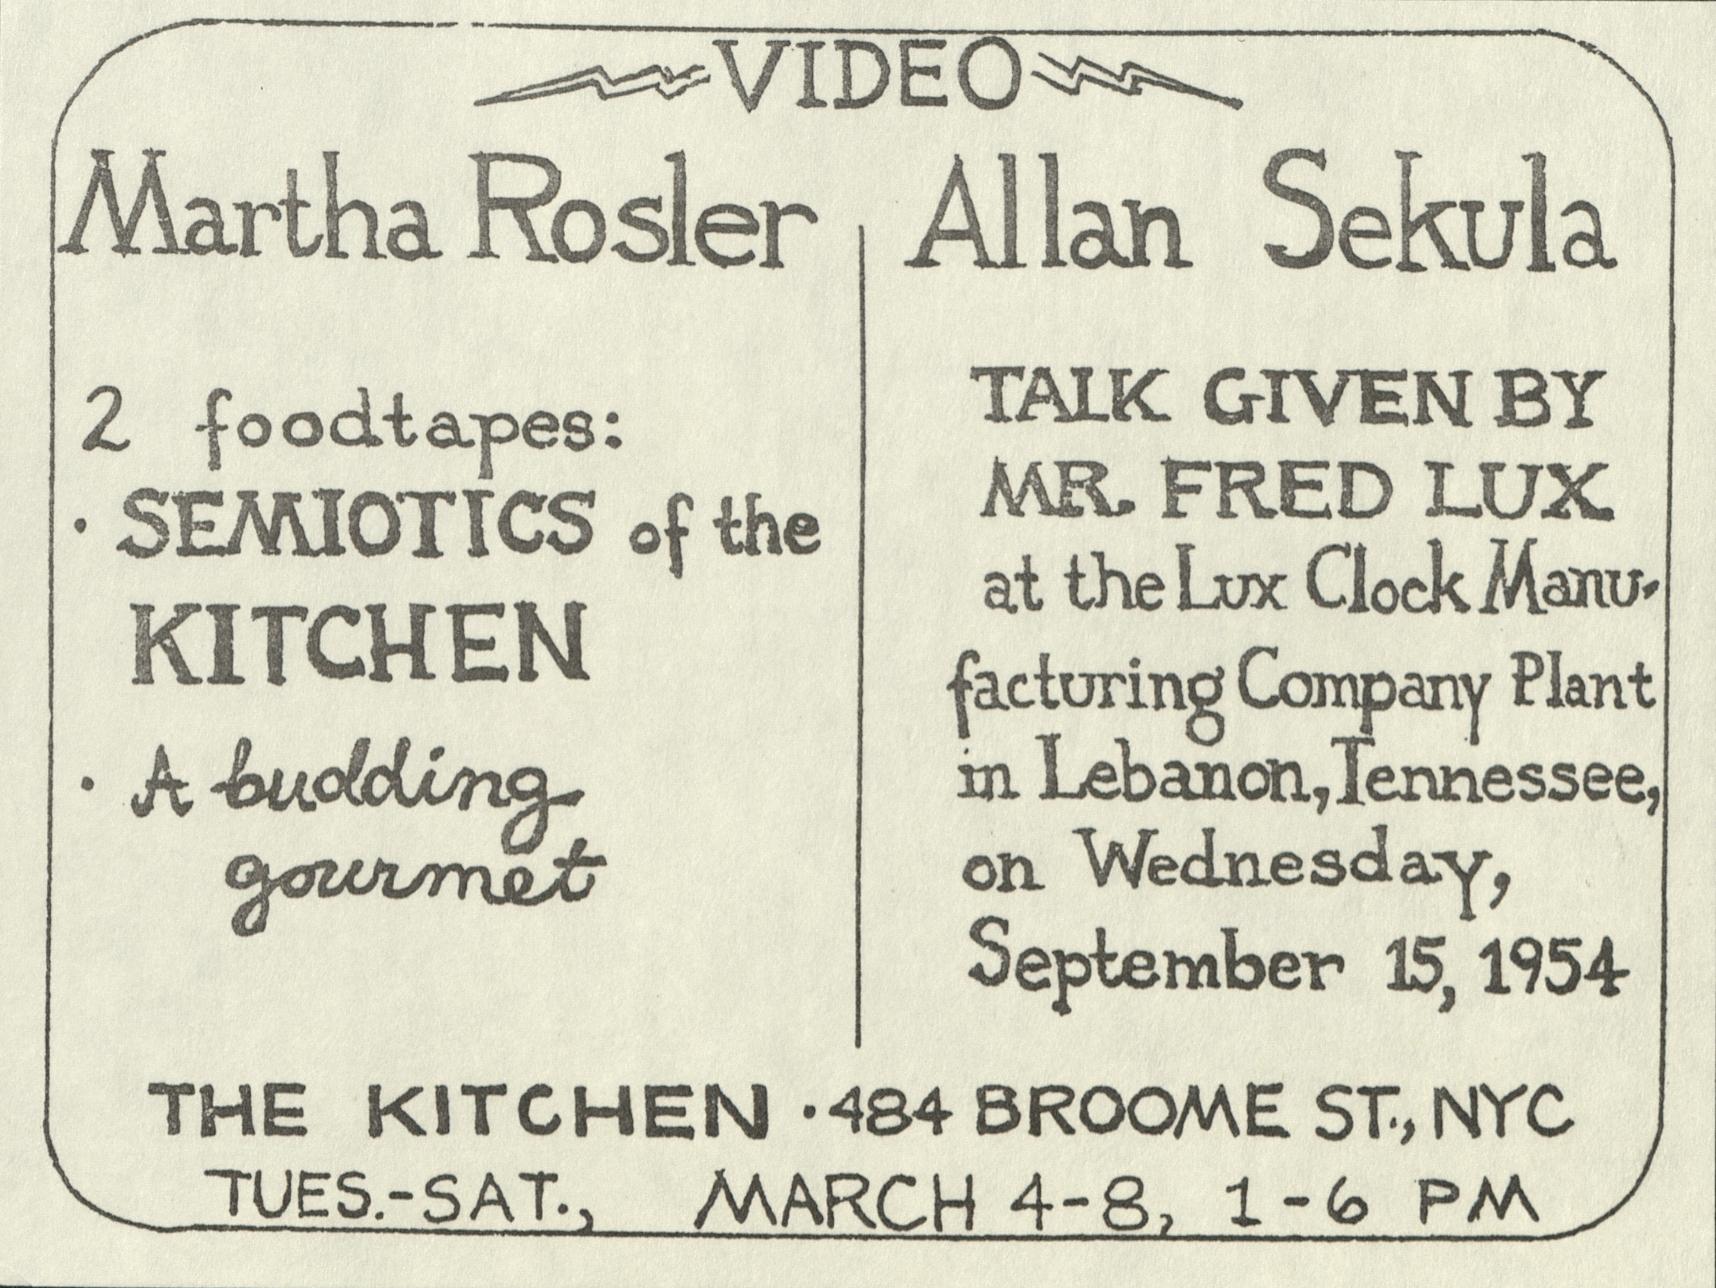 Video Screening: Martha Rosler, Allan Sekula, THE KITCHEN, New York 1975 (announcement); Archiv der Avantgarden, Staatliche Kunstsammlungen Dresden